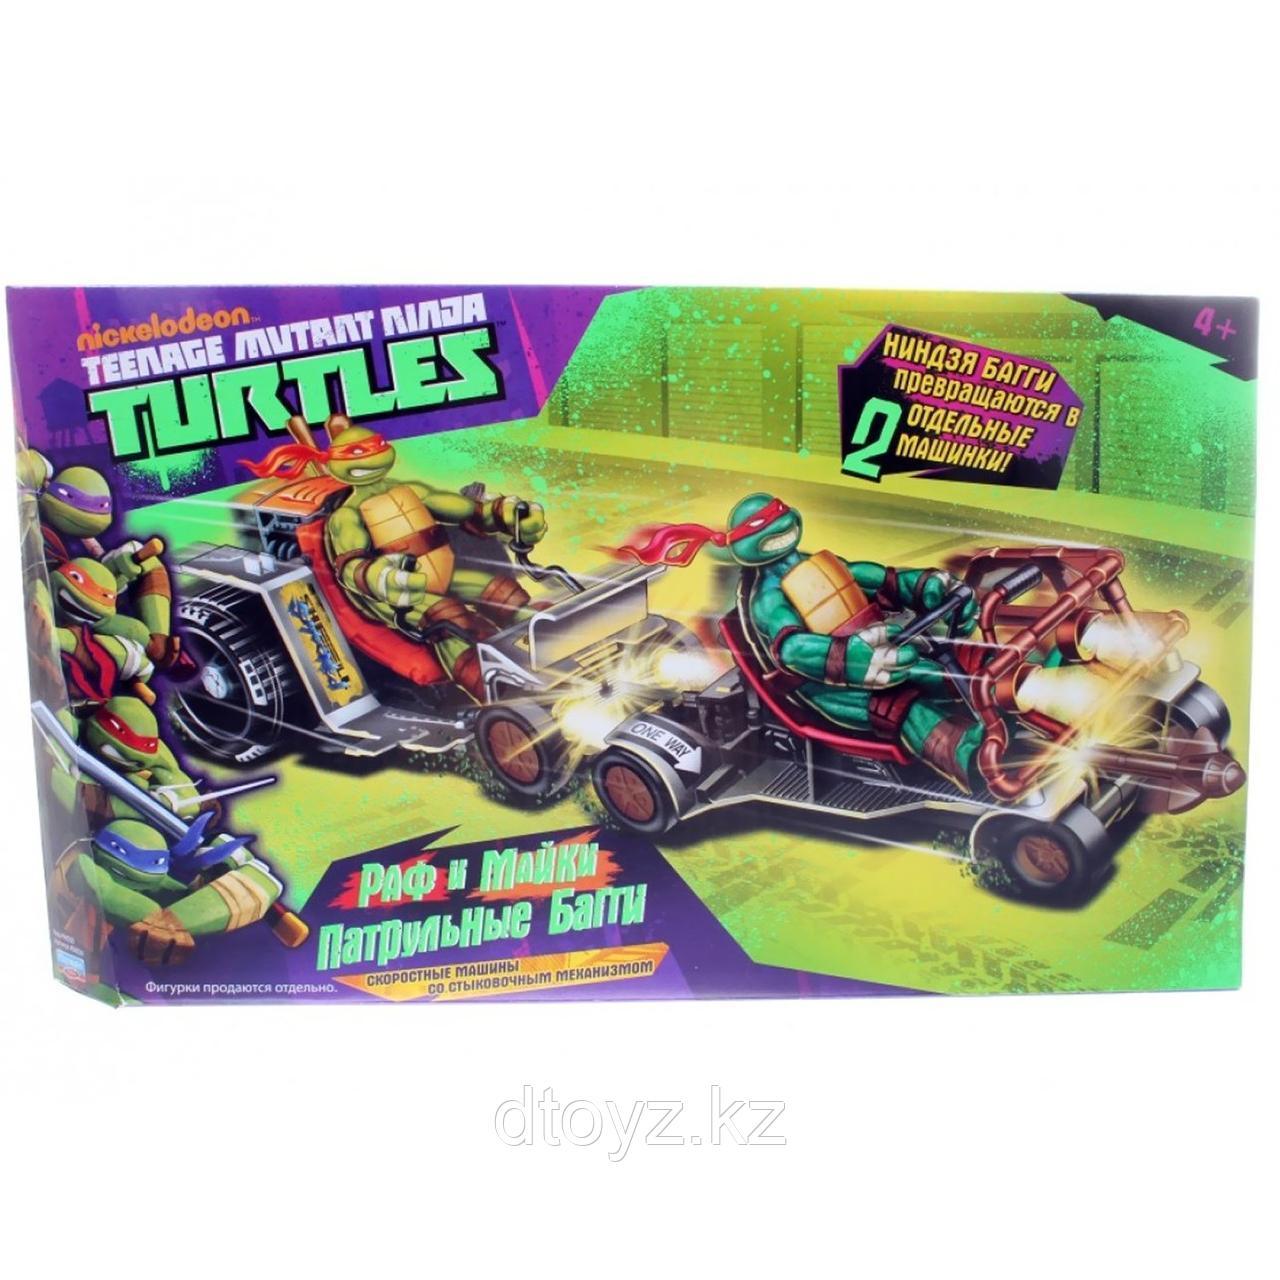 Машины Ninja Turtles(Черепашки Ниндзя) Багги патрульные Раф и Микки 94034